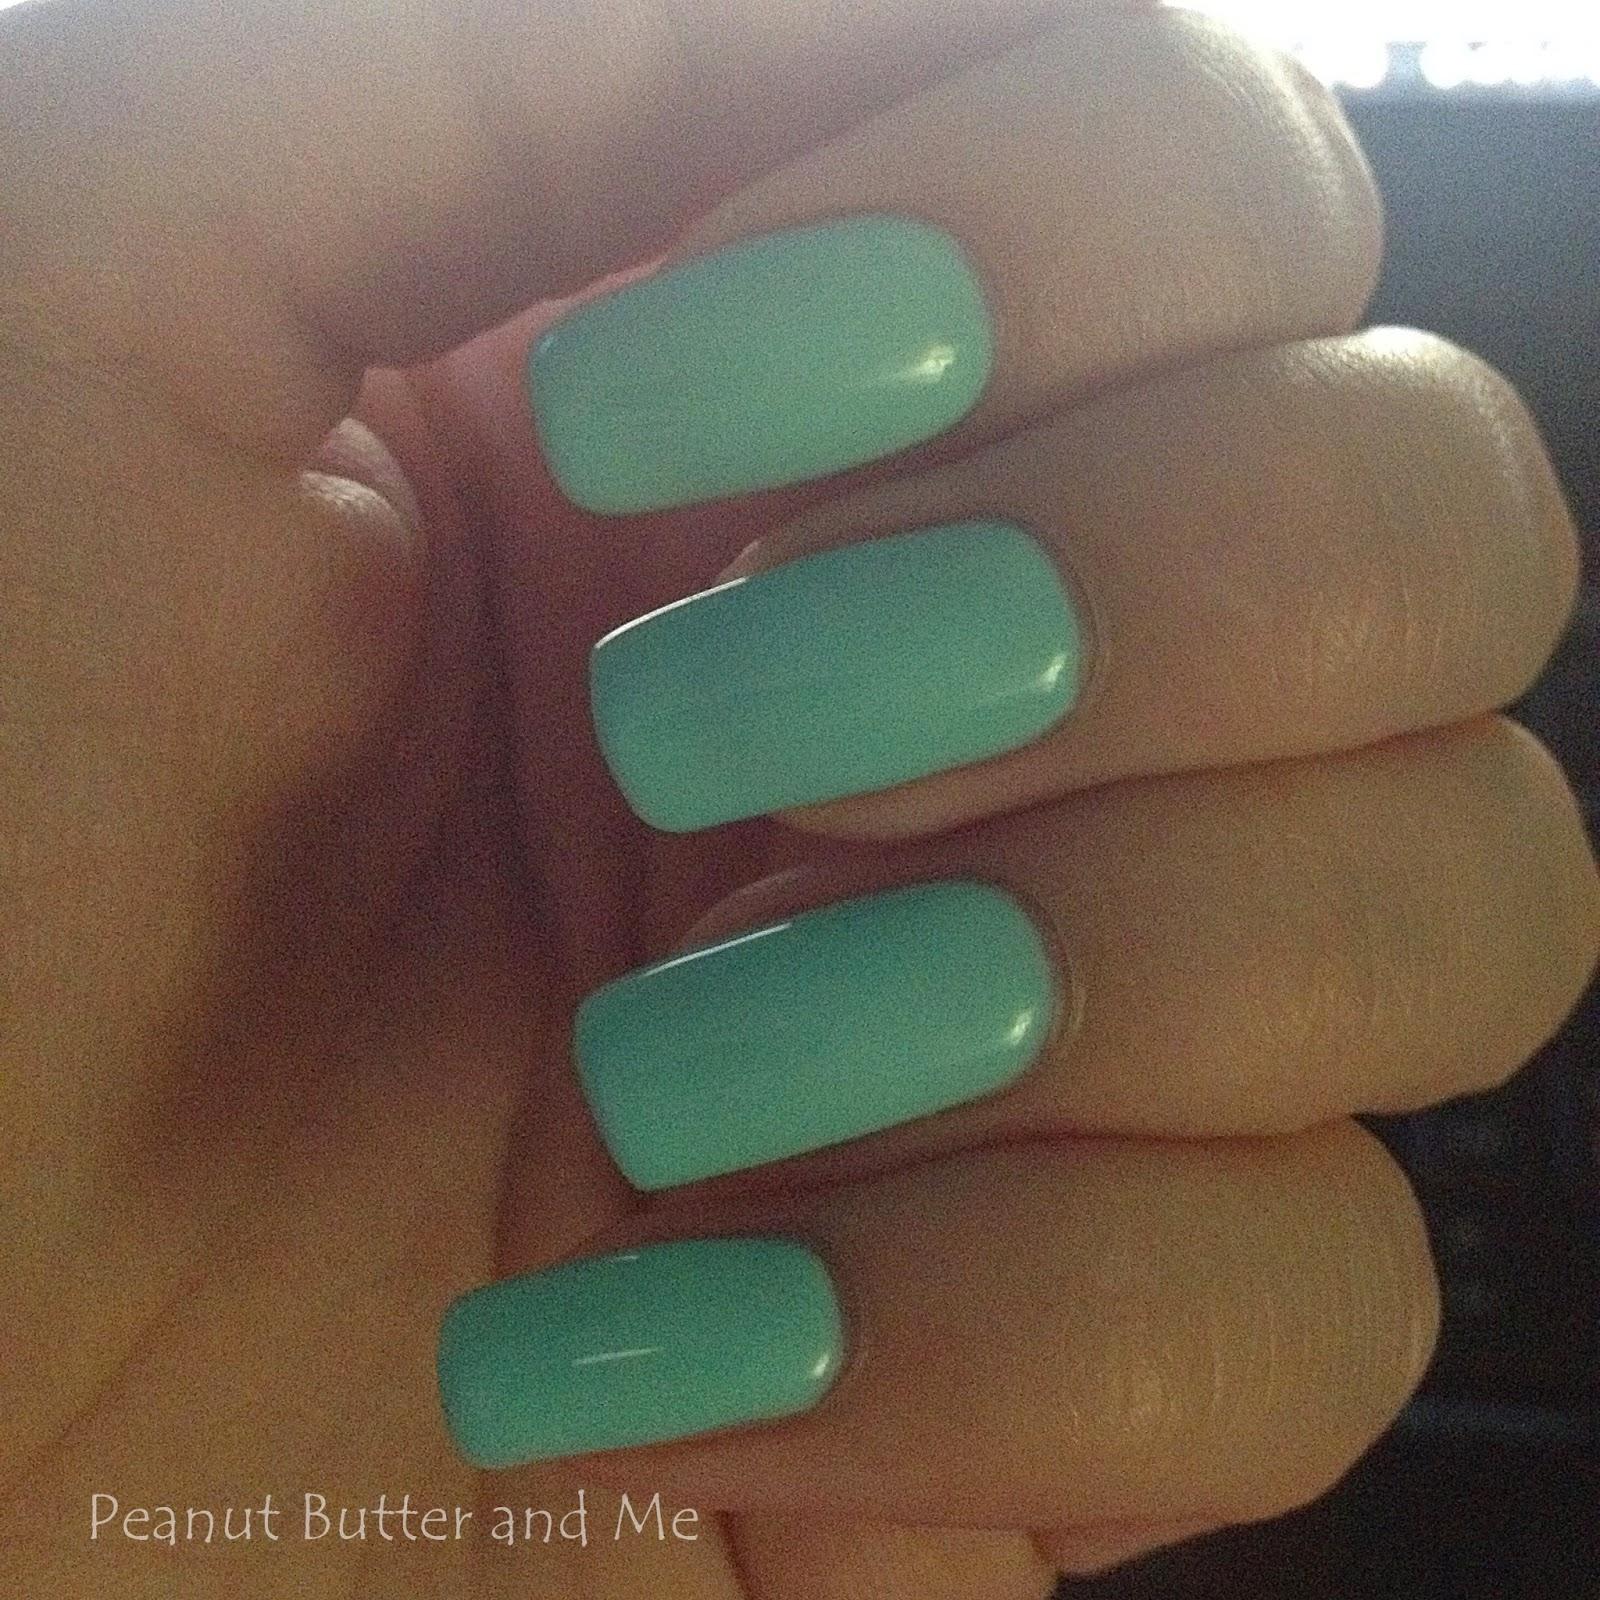 Semilac lakier hybrydowy lakiery paznokcie żelowe top baza mint zestaw